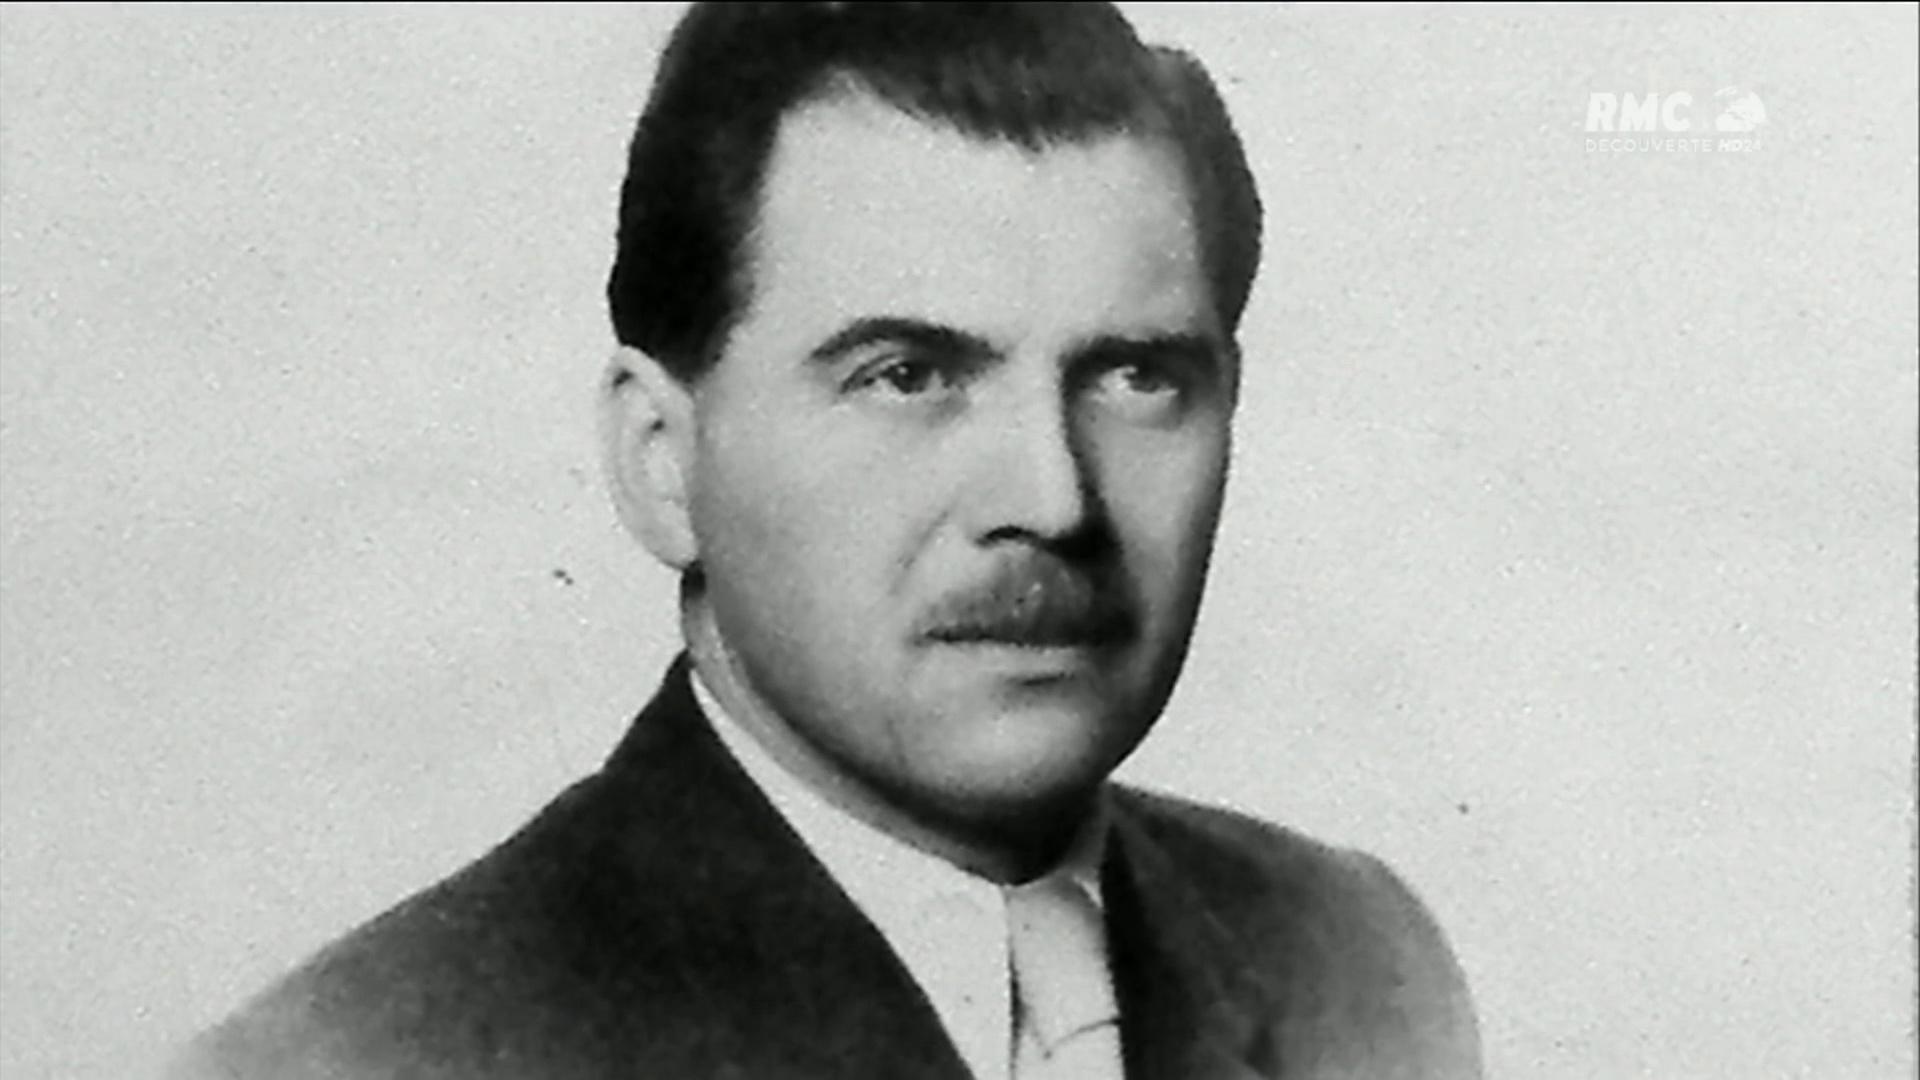 Documentaire Mengele, la traque d'un criminel nazi (2/2)